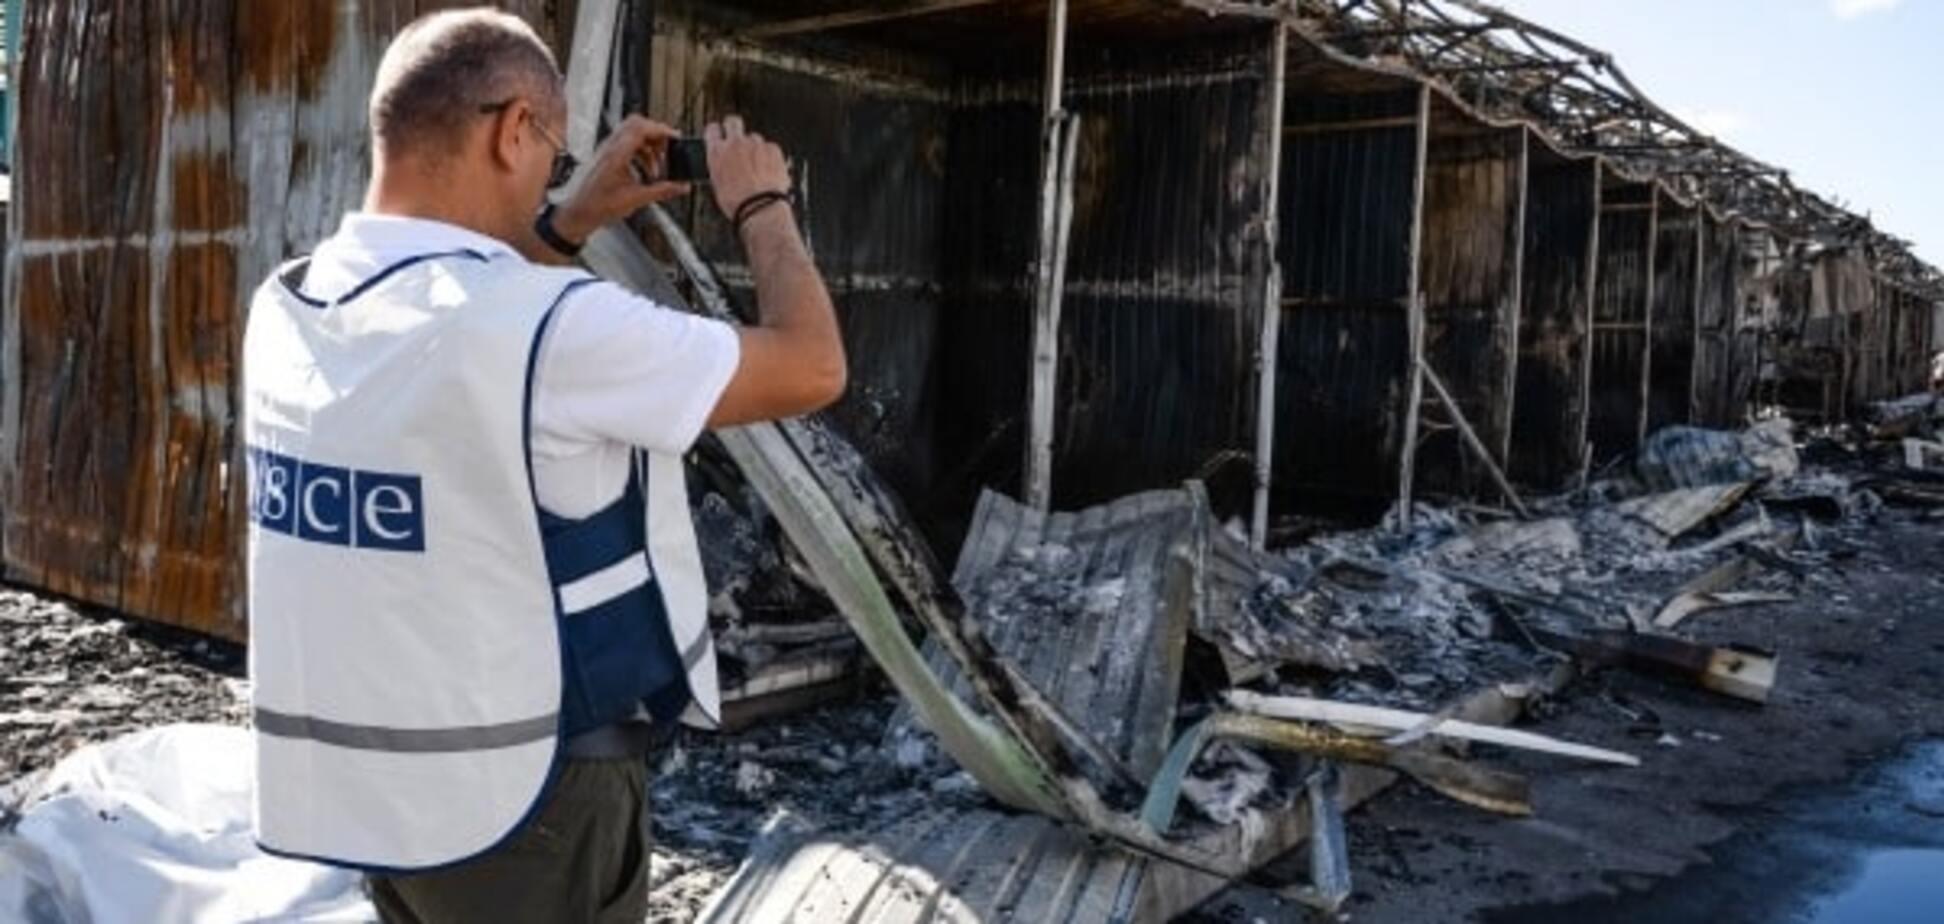 Танки, 'Гради' і гаубиці: ОБСЄ виявила страшні знахідки у Луганську